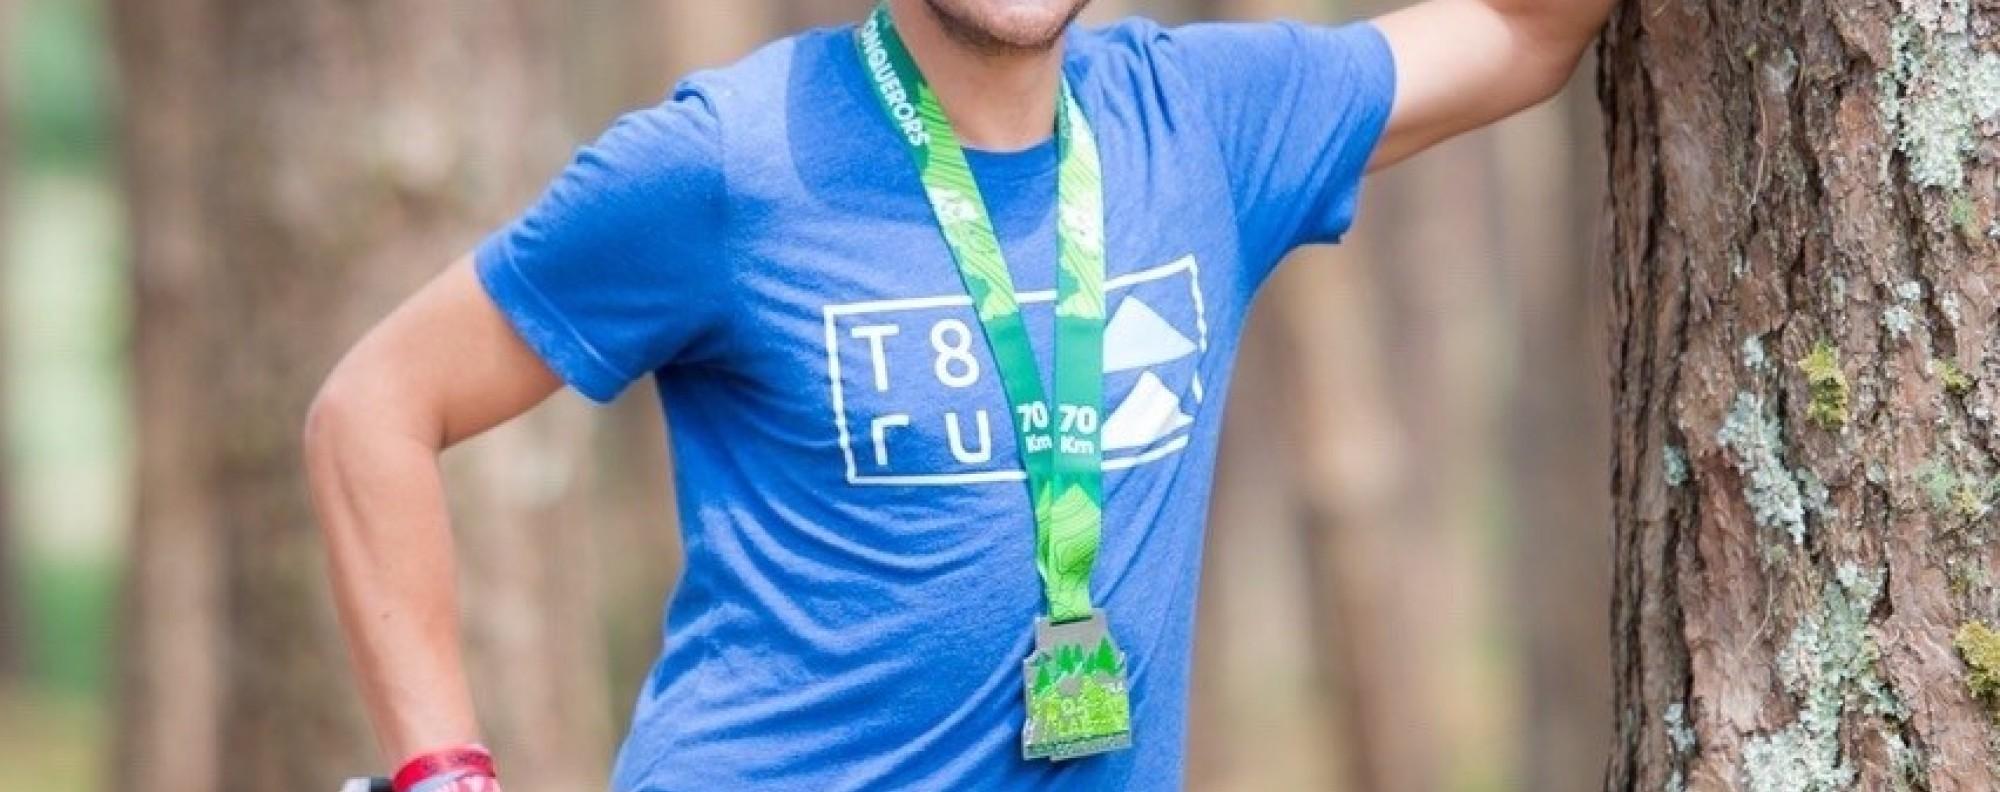 John Ellis is the 2019 Asia Trail Master champion. Photo: Asia Trail Master